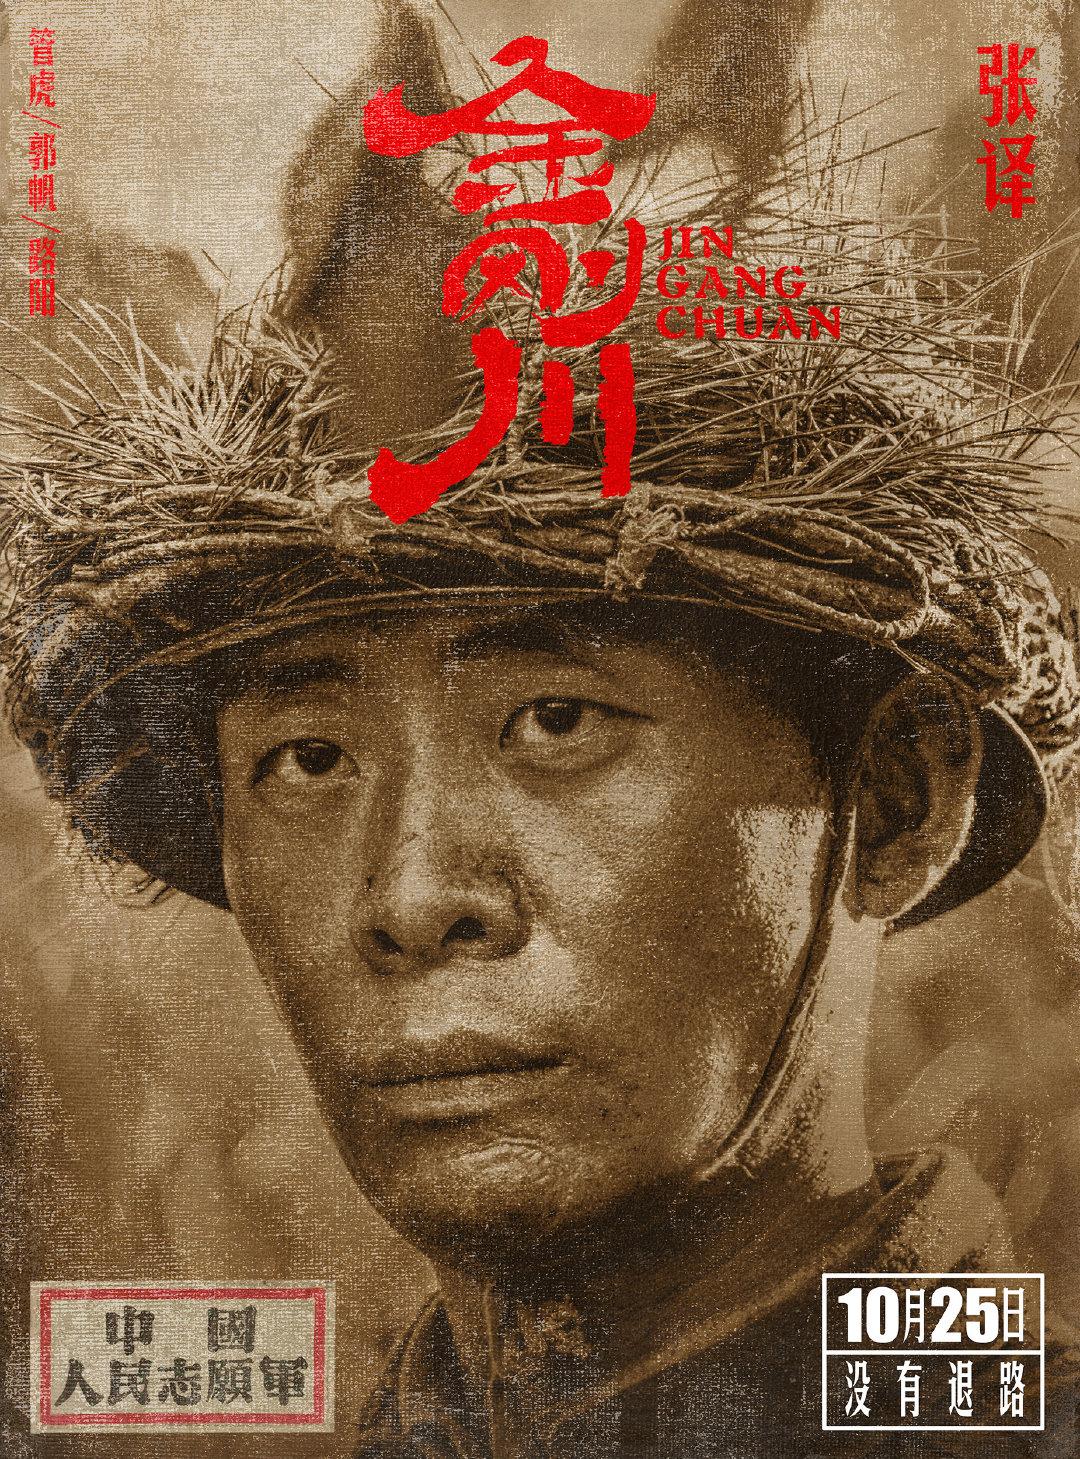 《流浪地球》导演郭帆、《八佰》导演管虎、《绣春刀》导演路阳联合执